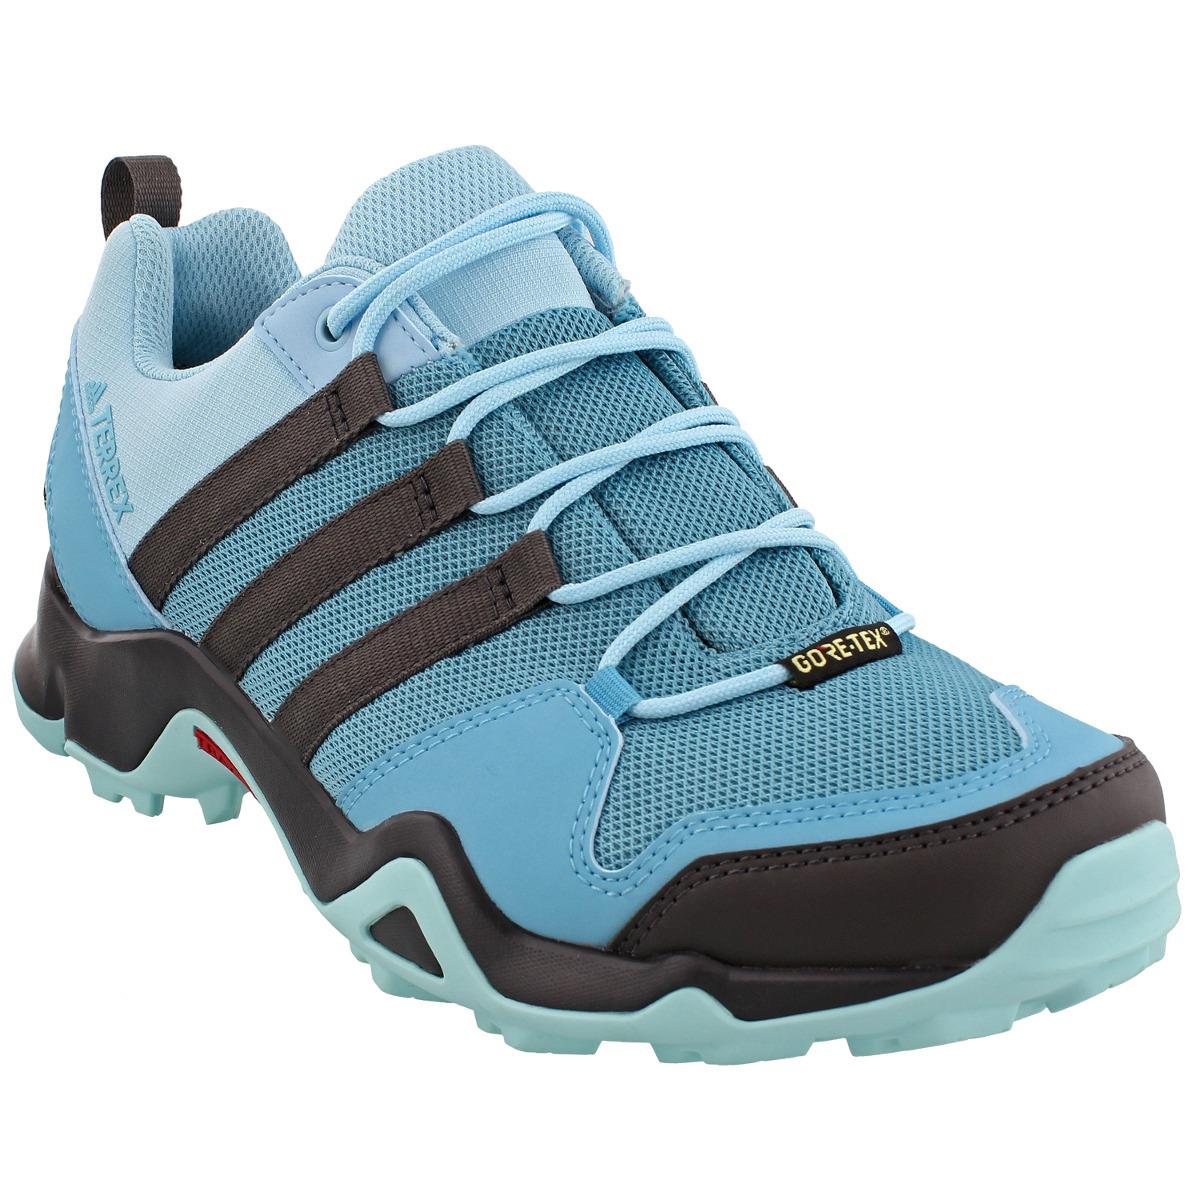 ADIDAS Women's Terrex AX2R GTX Hiking Shoes, Vapor Blue/Utility Black/Clear Aqua